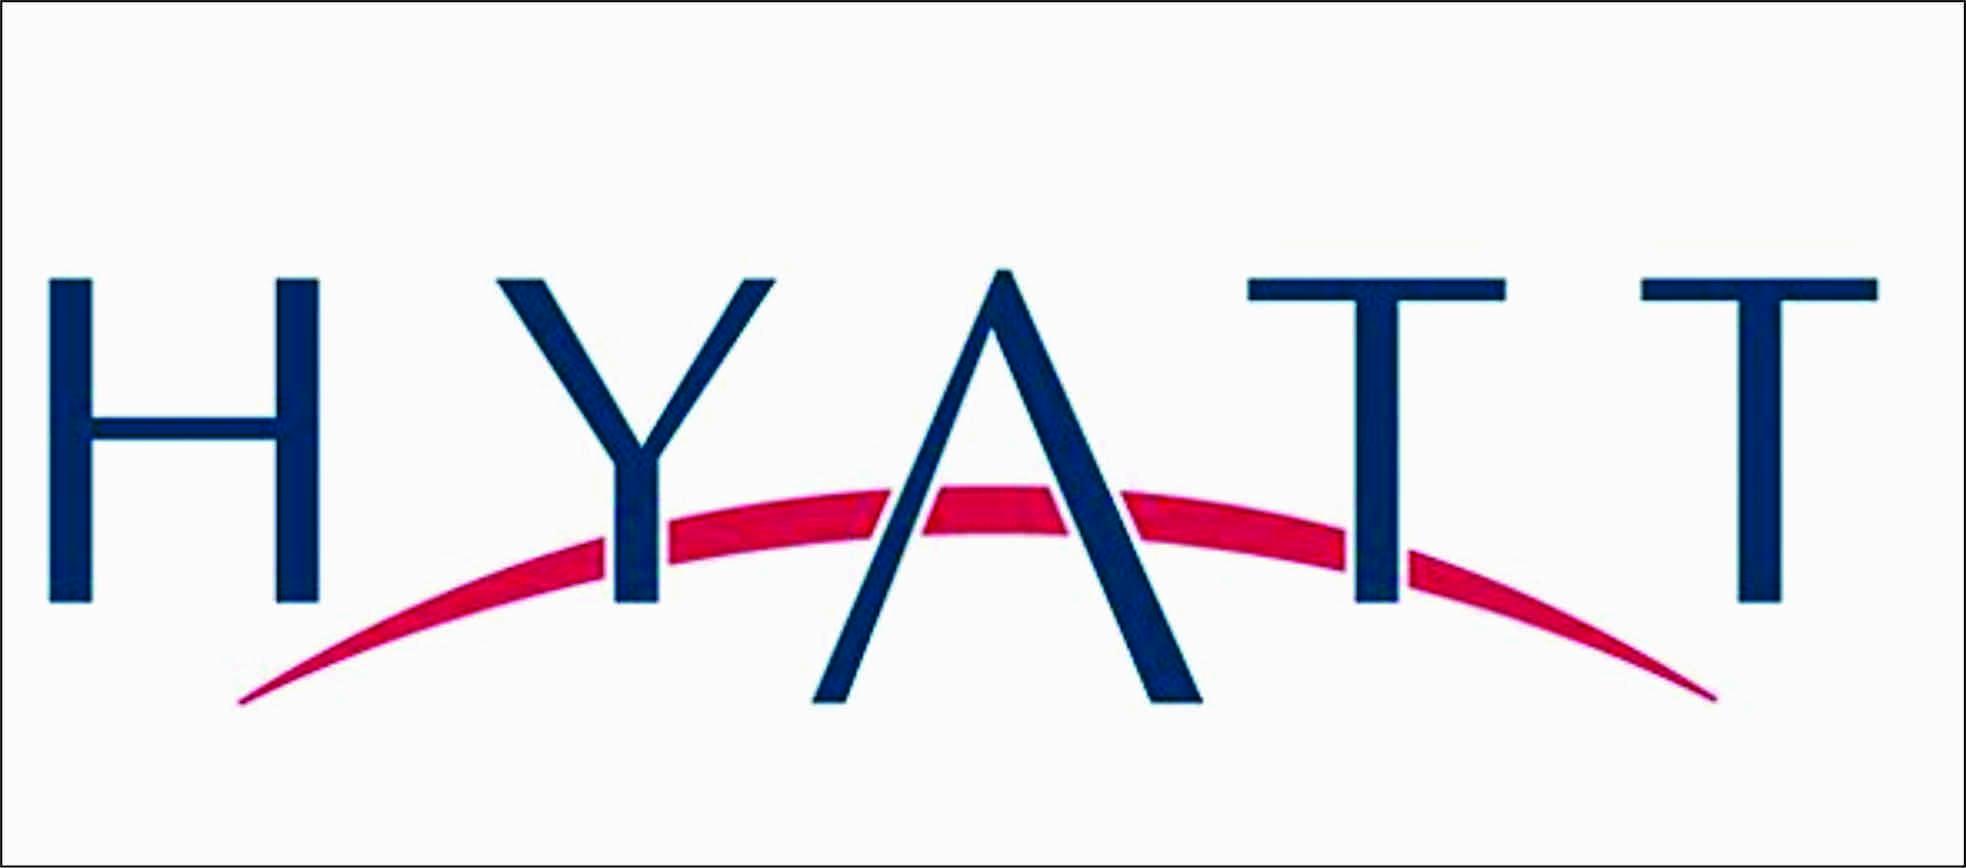 Hyatt stock options